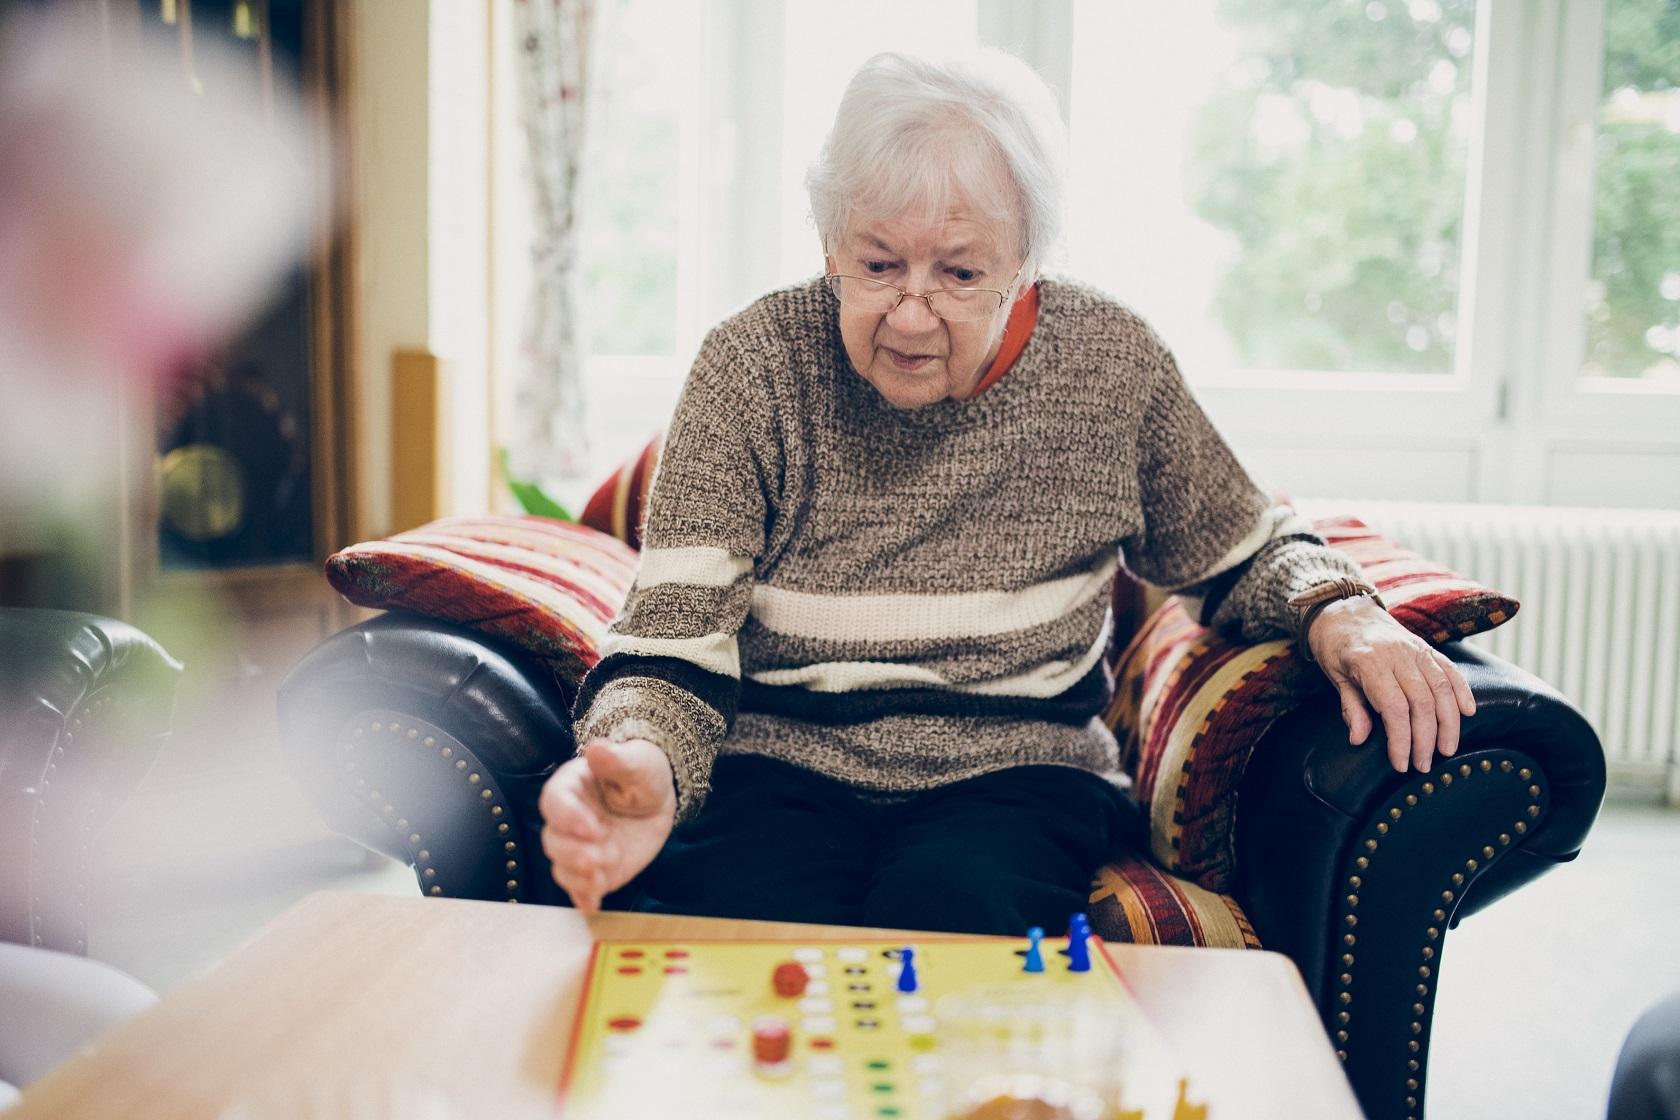 Eine Bewohnerin spielt ein Brettspiel